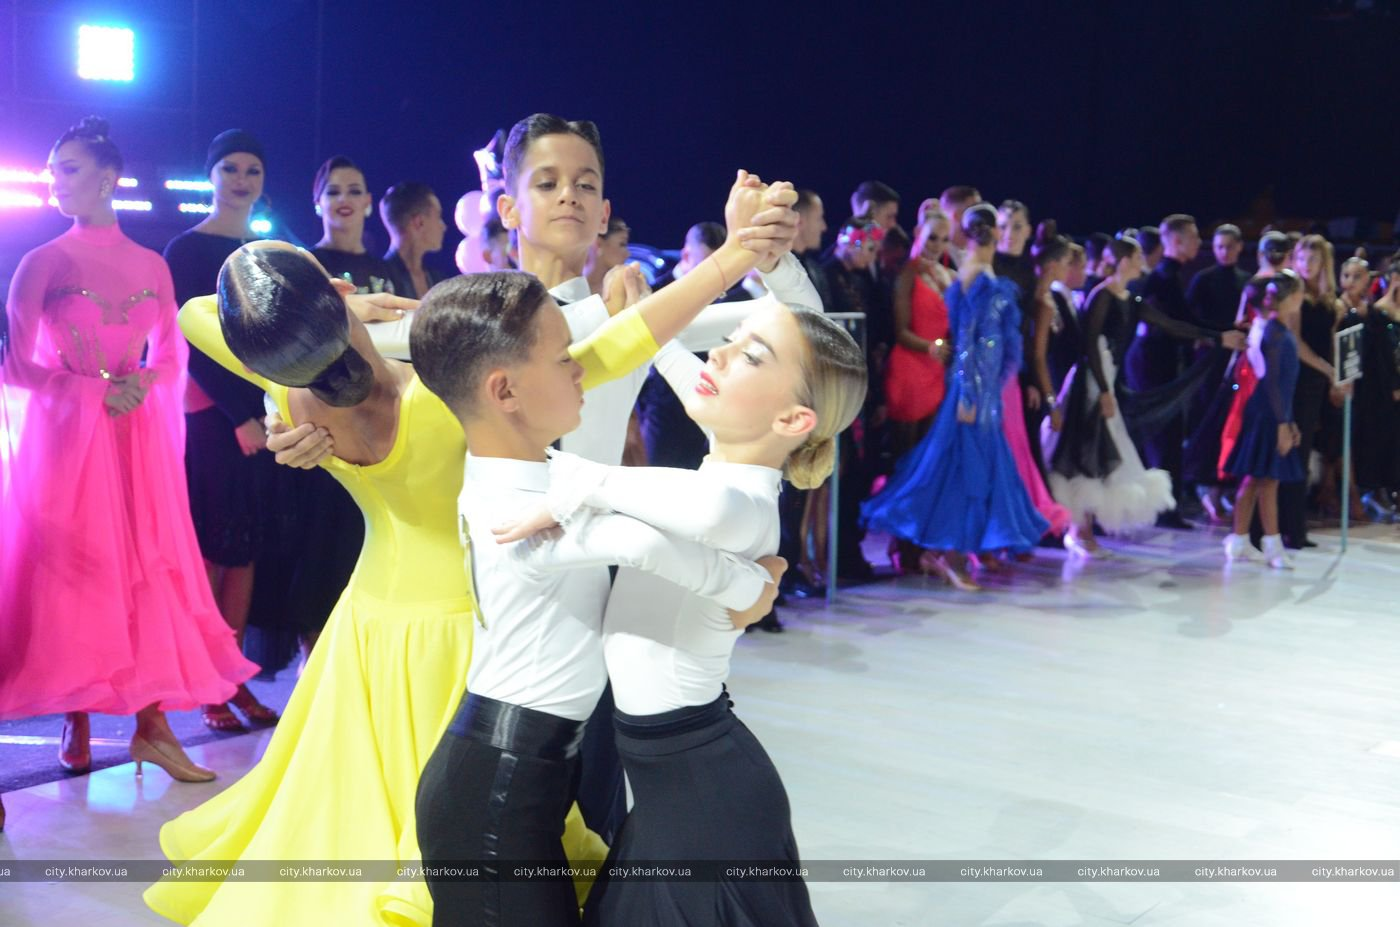 В Харькове прошел международный фестиваль спортивного бального танца (фото)